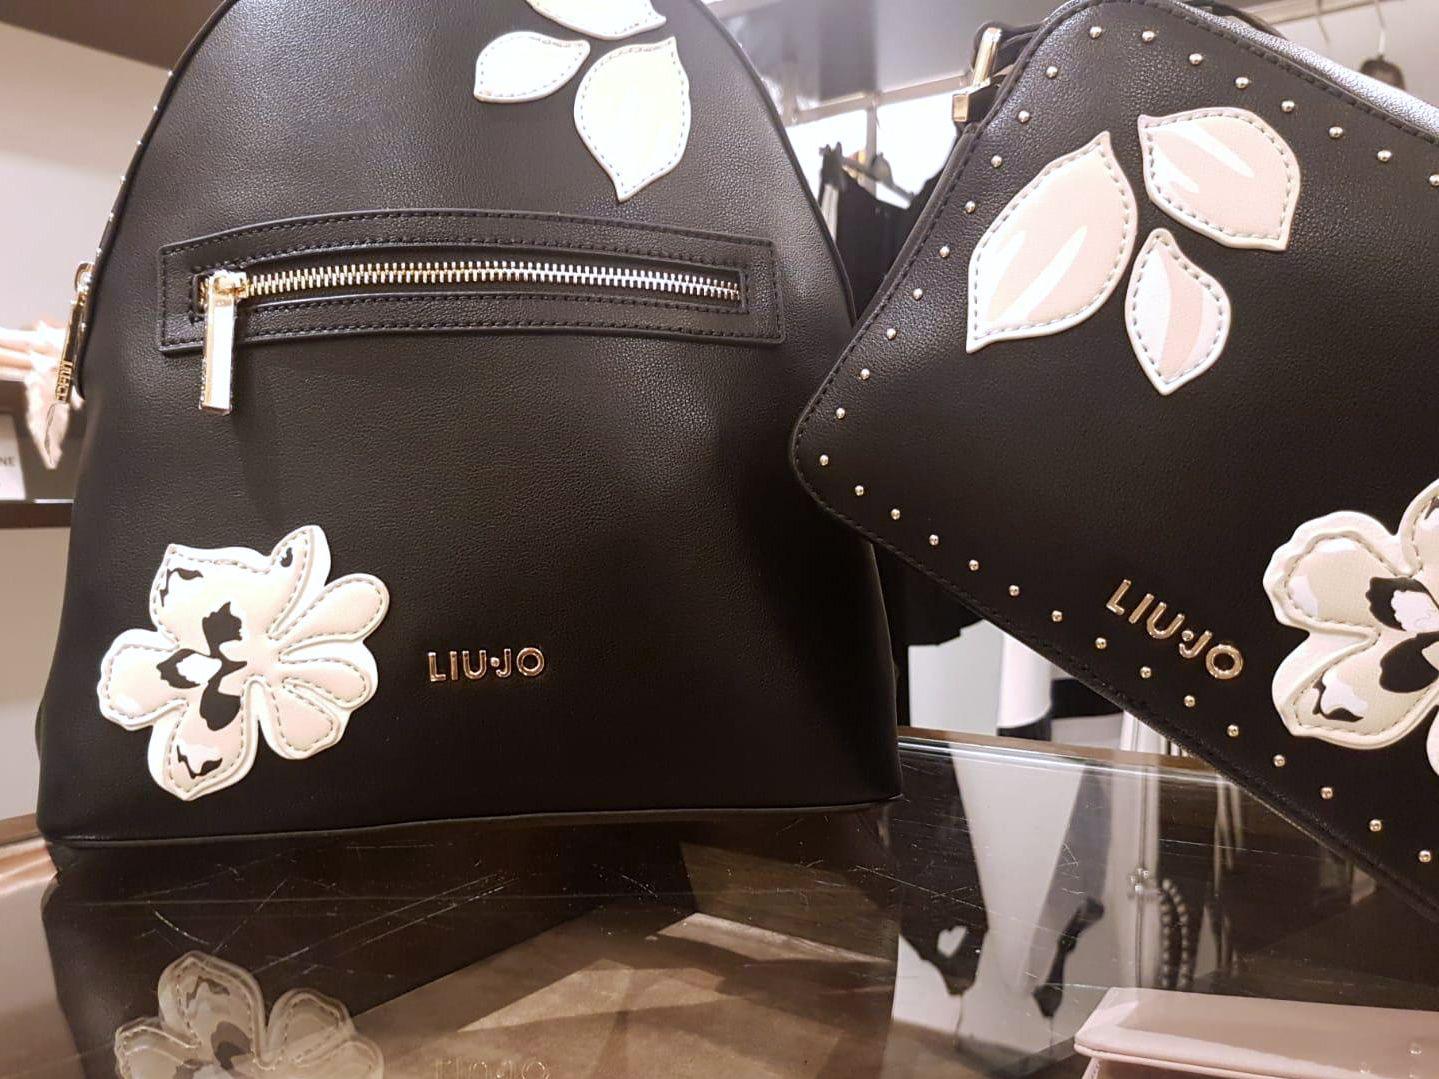 Pelosi Store Liu Jo New Collection Spring Summer 2019 Liujo Newcollection Bags Sneakers Pelosistore Vieniatrovarci Borse Alla Moda Liu Jo E Borsa Zaino